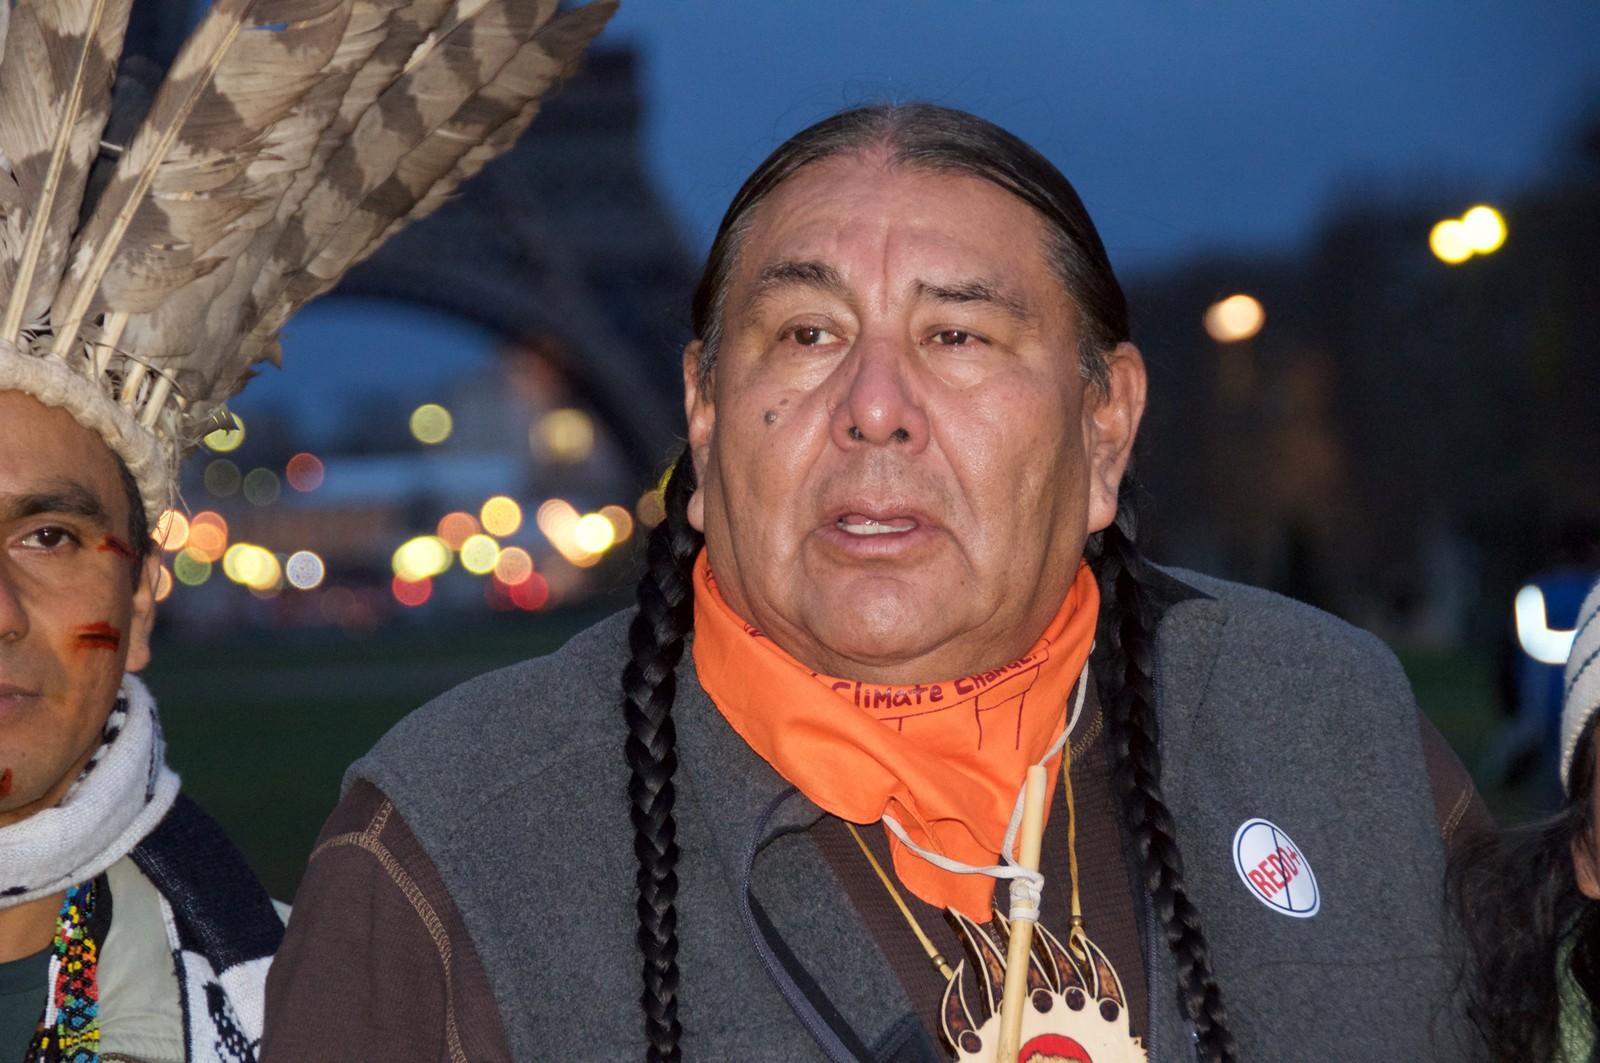 Tom Goldtooth, leder i Indigenous Enviromental Network. Urfolk samlet seg til soloppgangsseremoni nedenfor Eiffel tårnet.